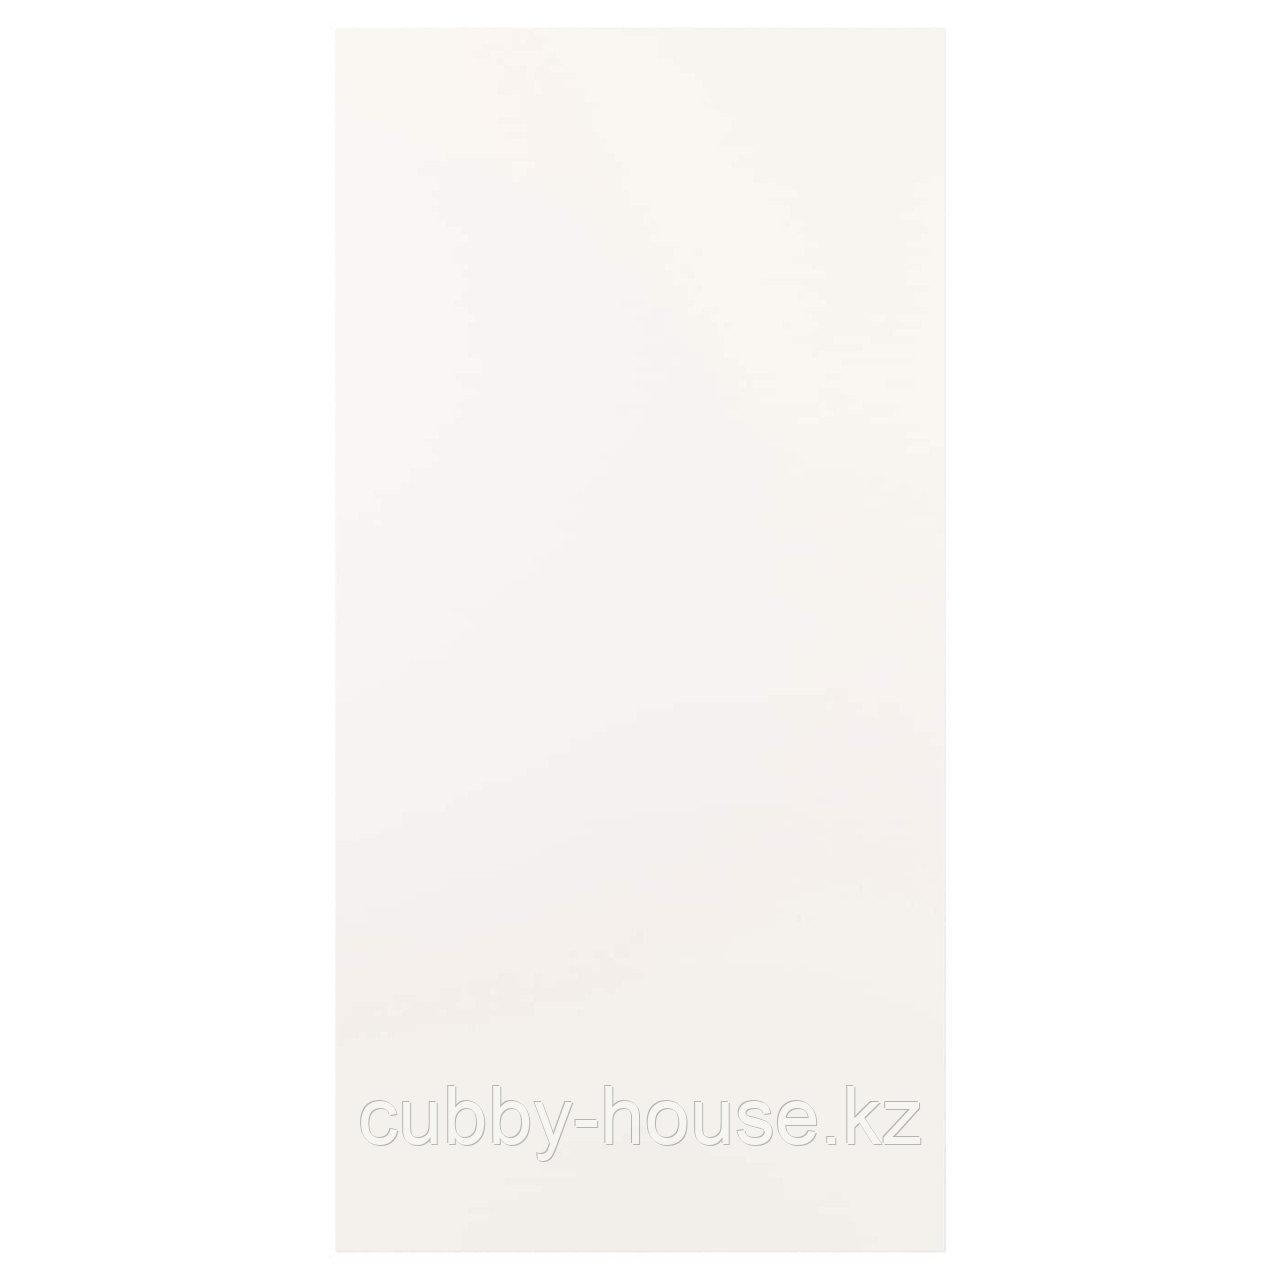 ФОННЕС Дверь, белый, 60x60 см